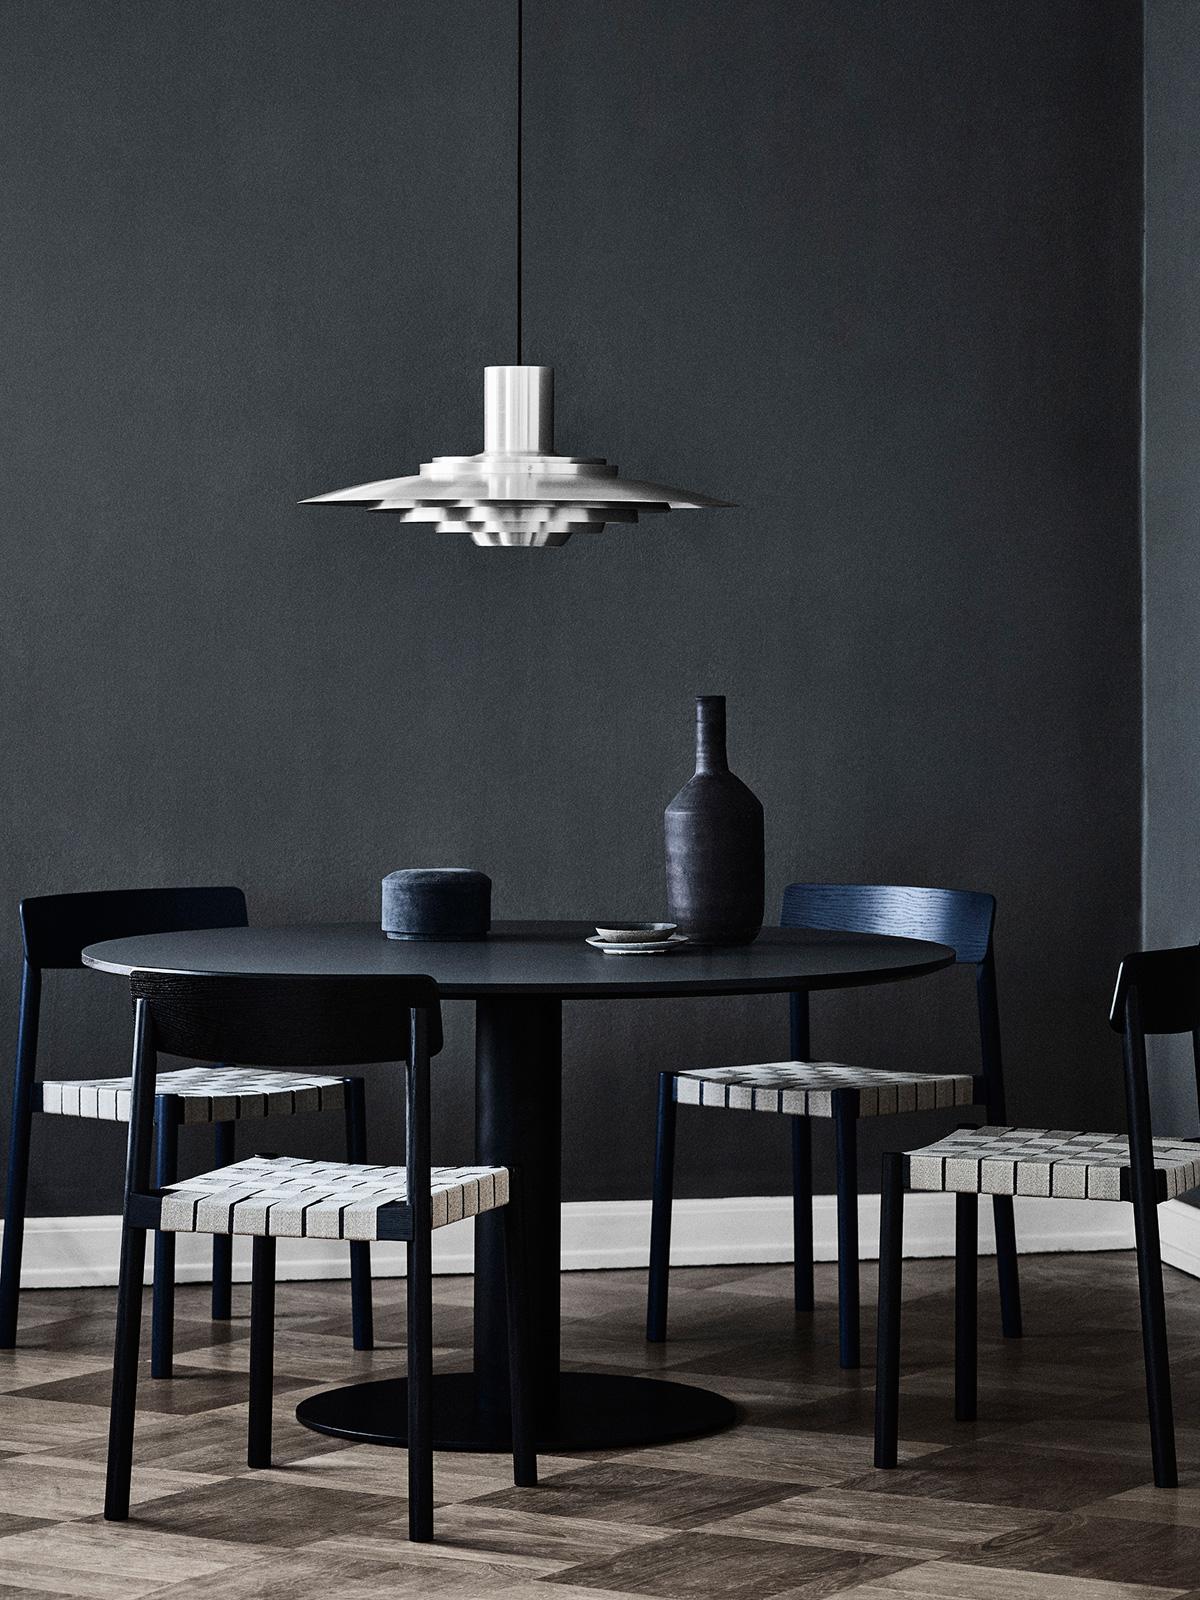 DesignOrt Blog: Designerleuchten aus Dänemark P376 klassische Pendelleuchte von &tradition